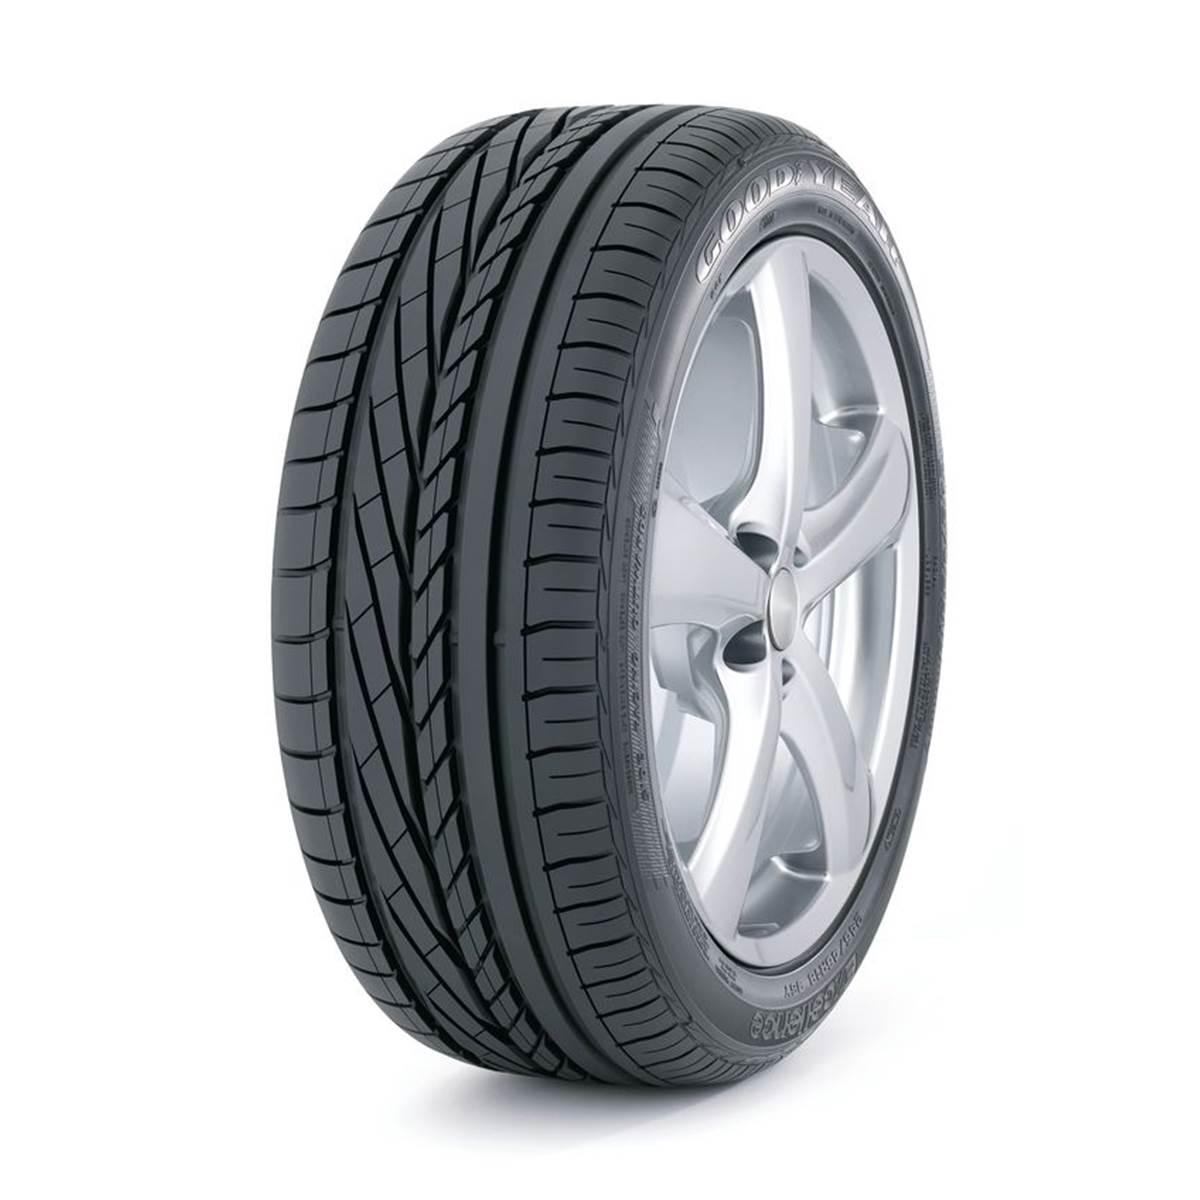 pneu goodyear 255 55 r16